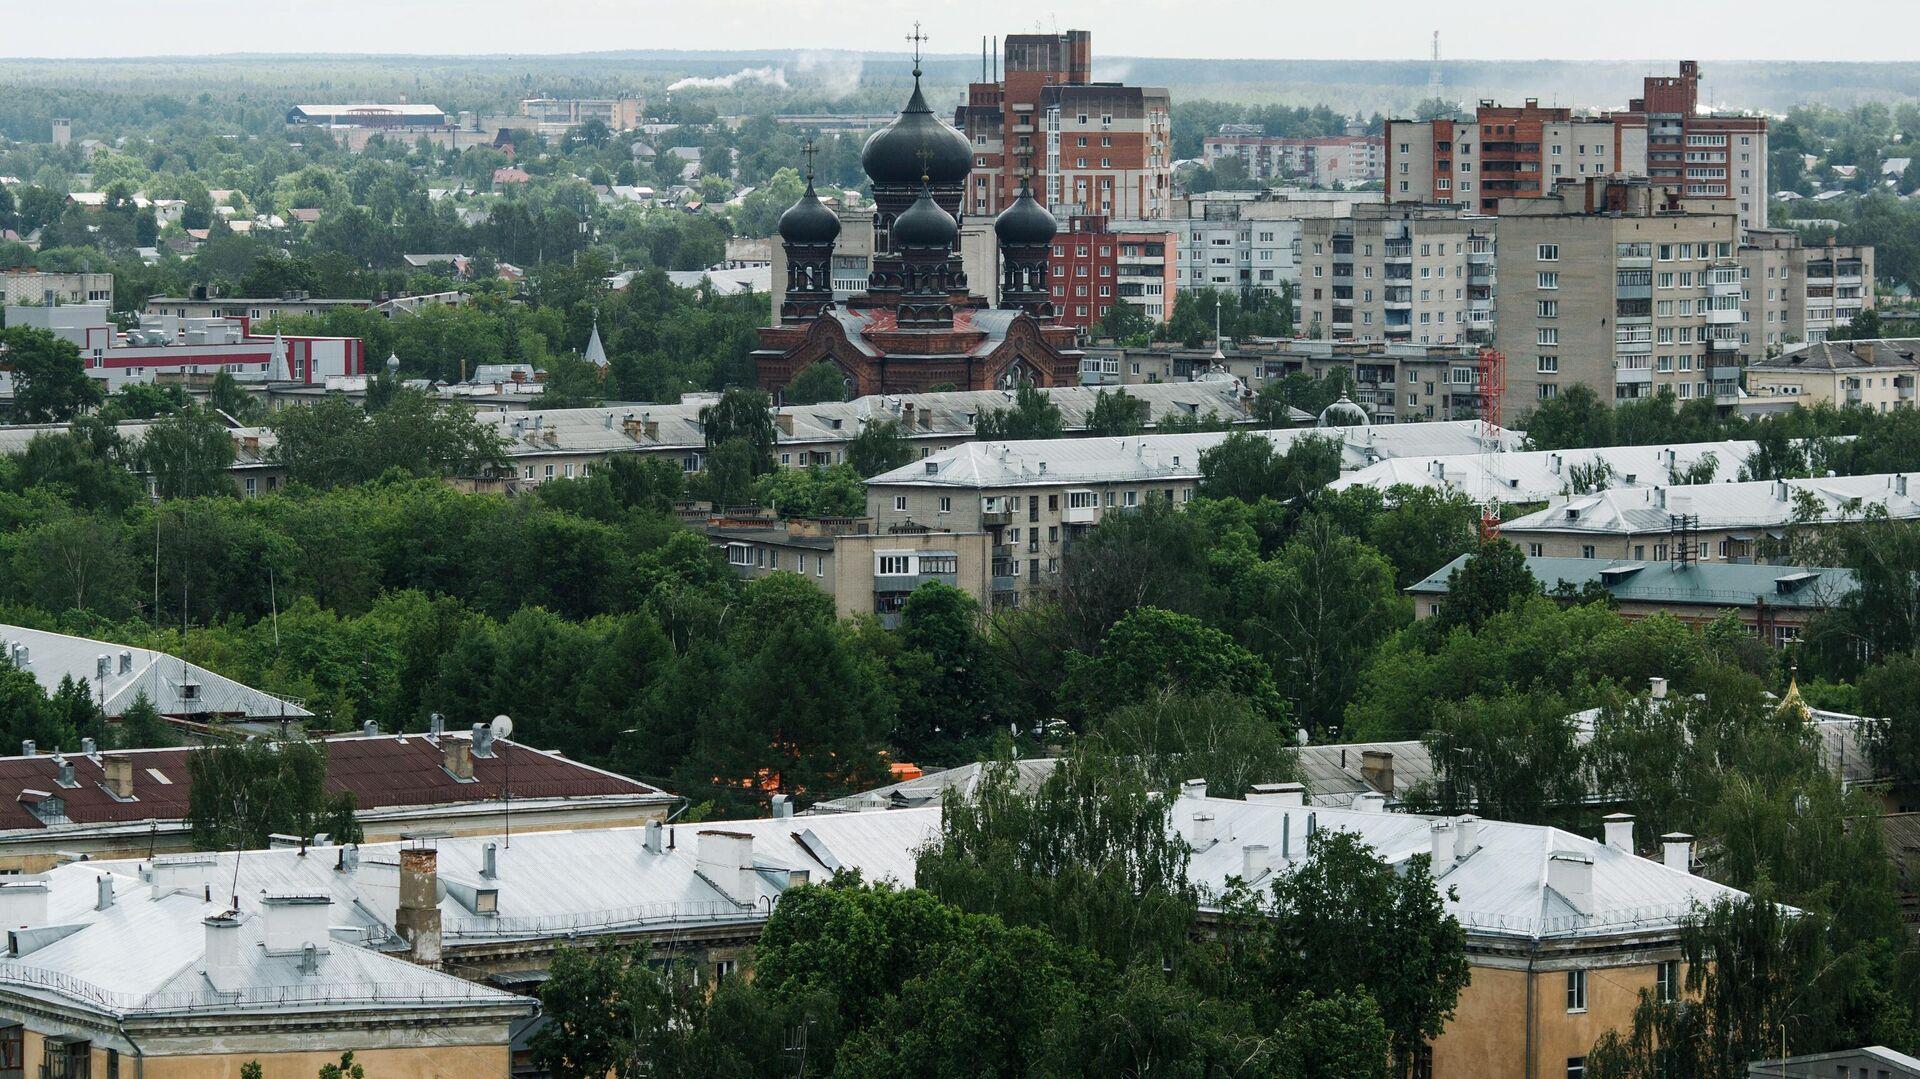 Октябрьский район города Иваново - РИА Новости, 1920, 09.10.2020